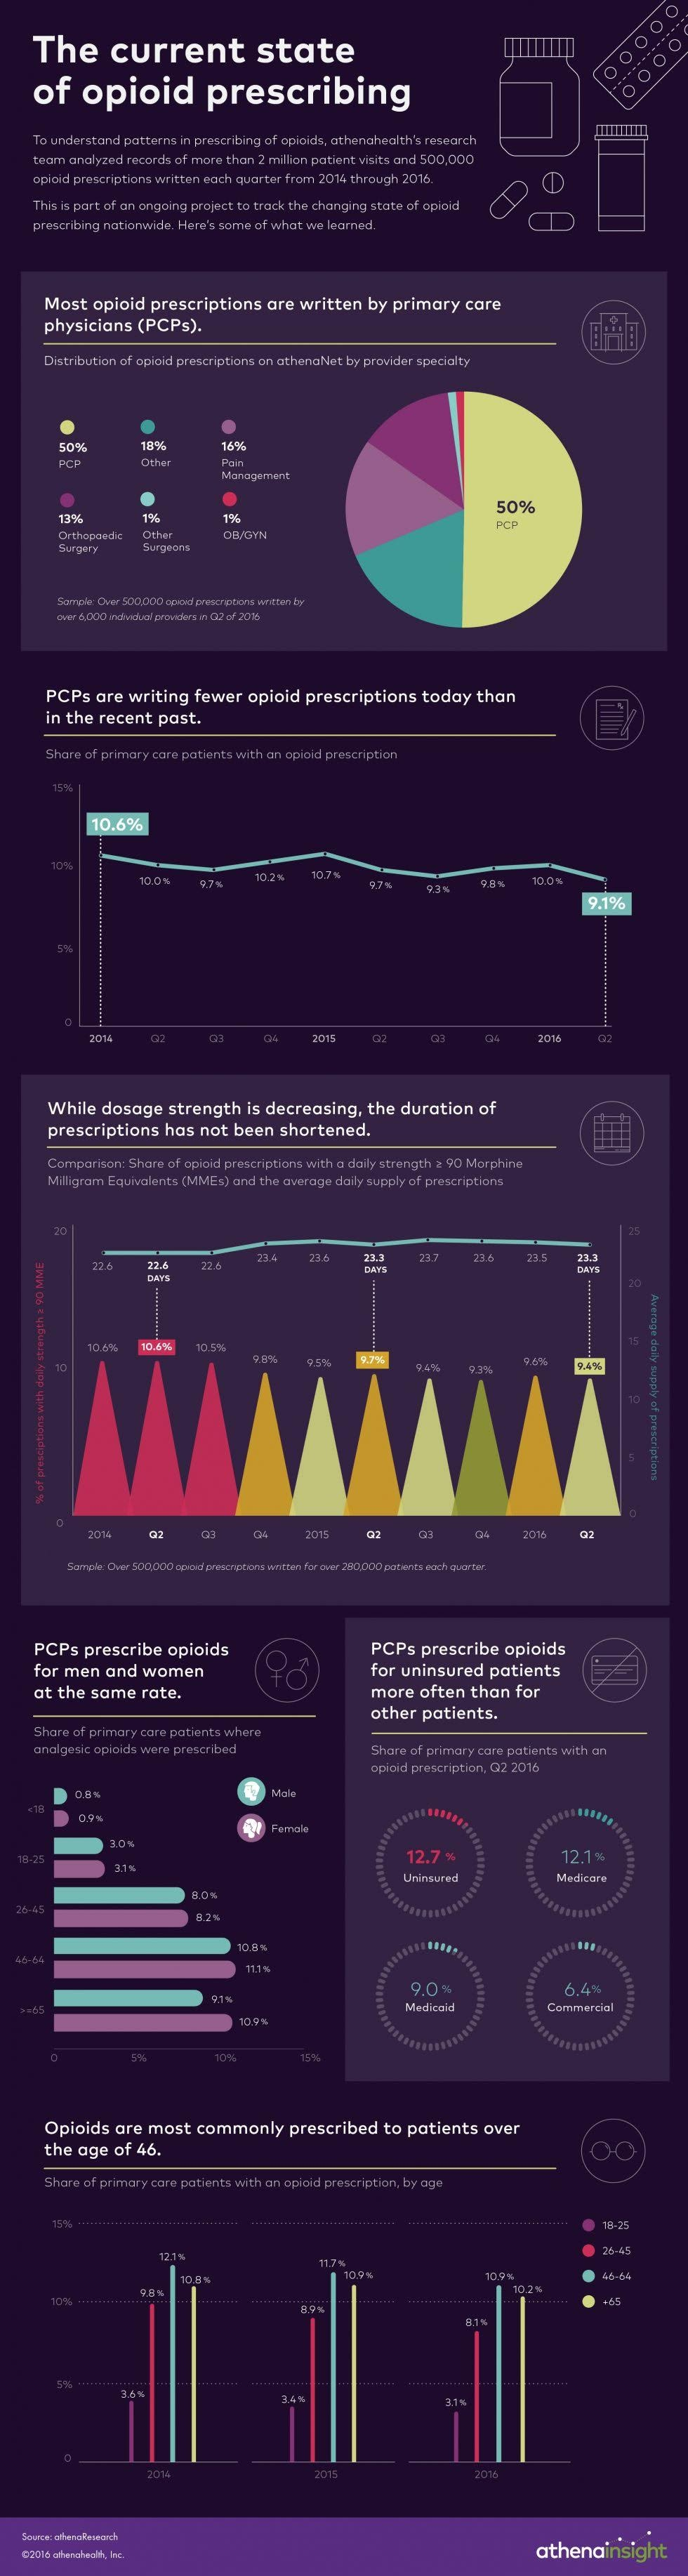 Opioid prescribing patterns #infographic